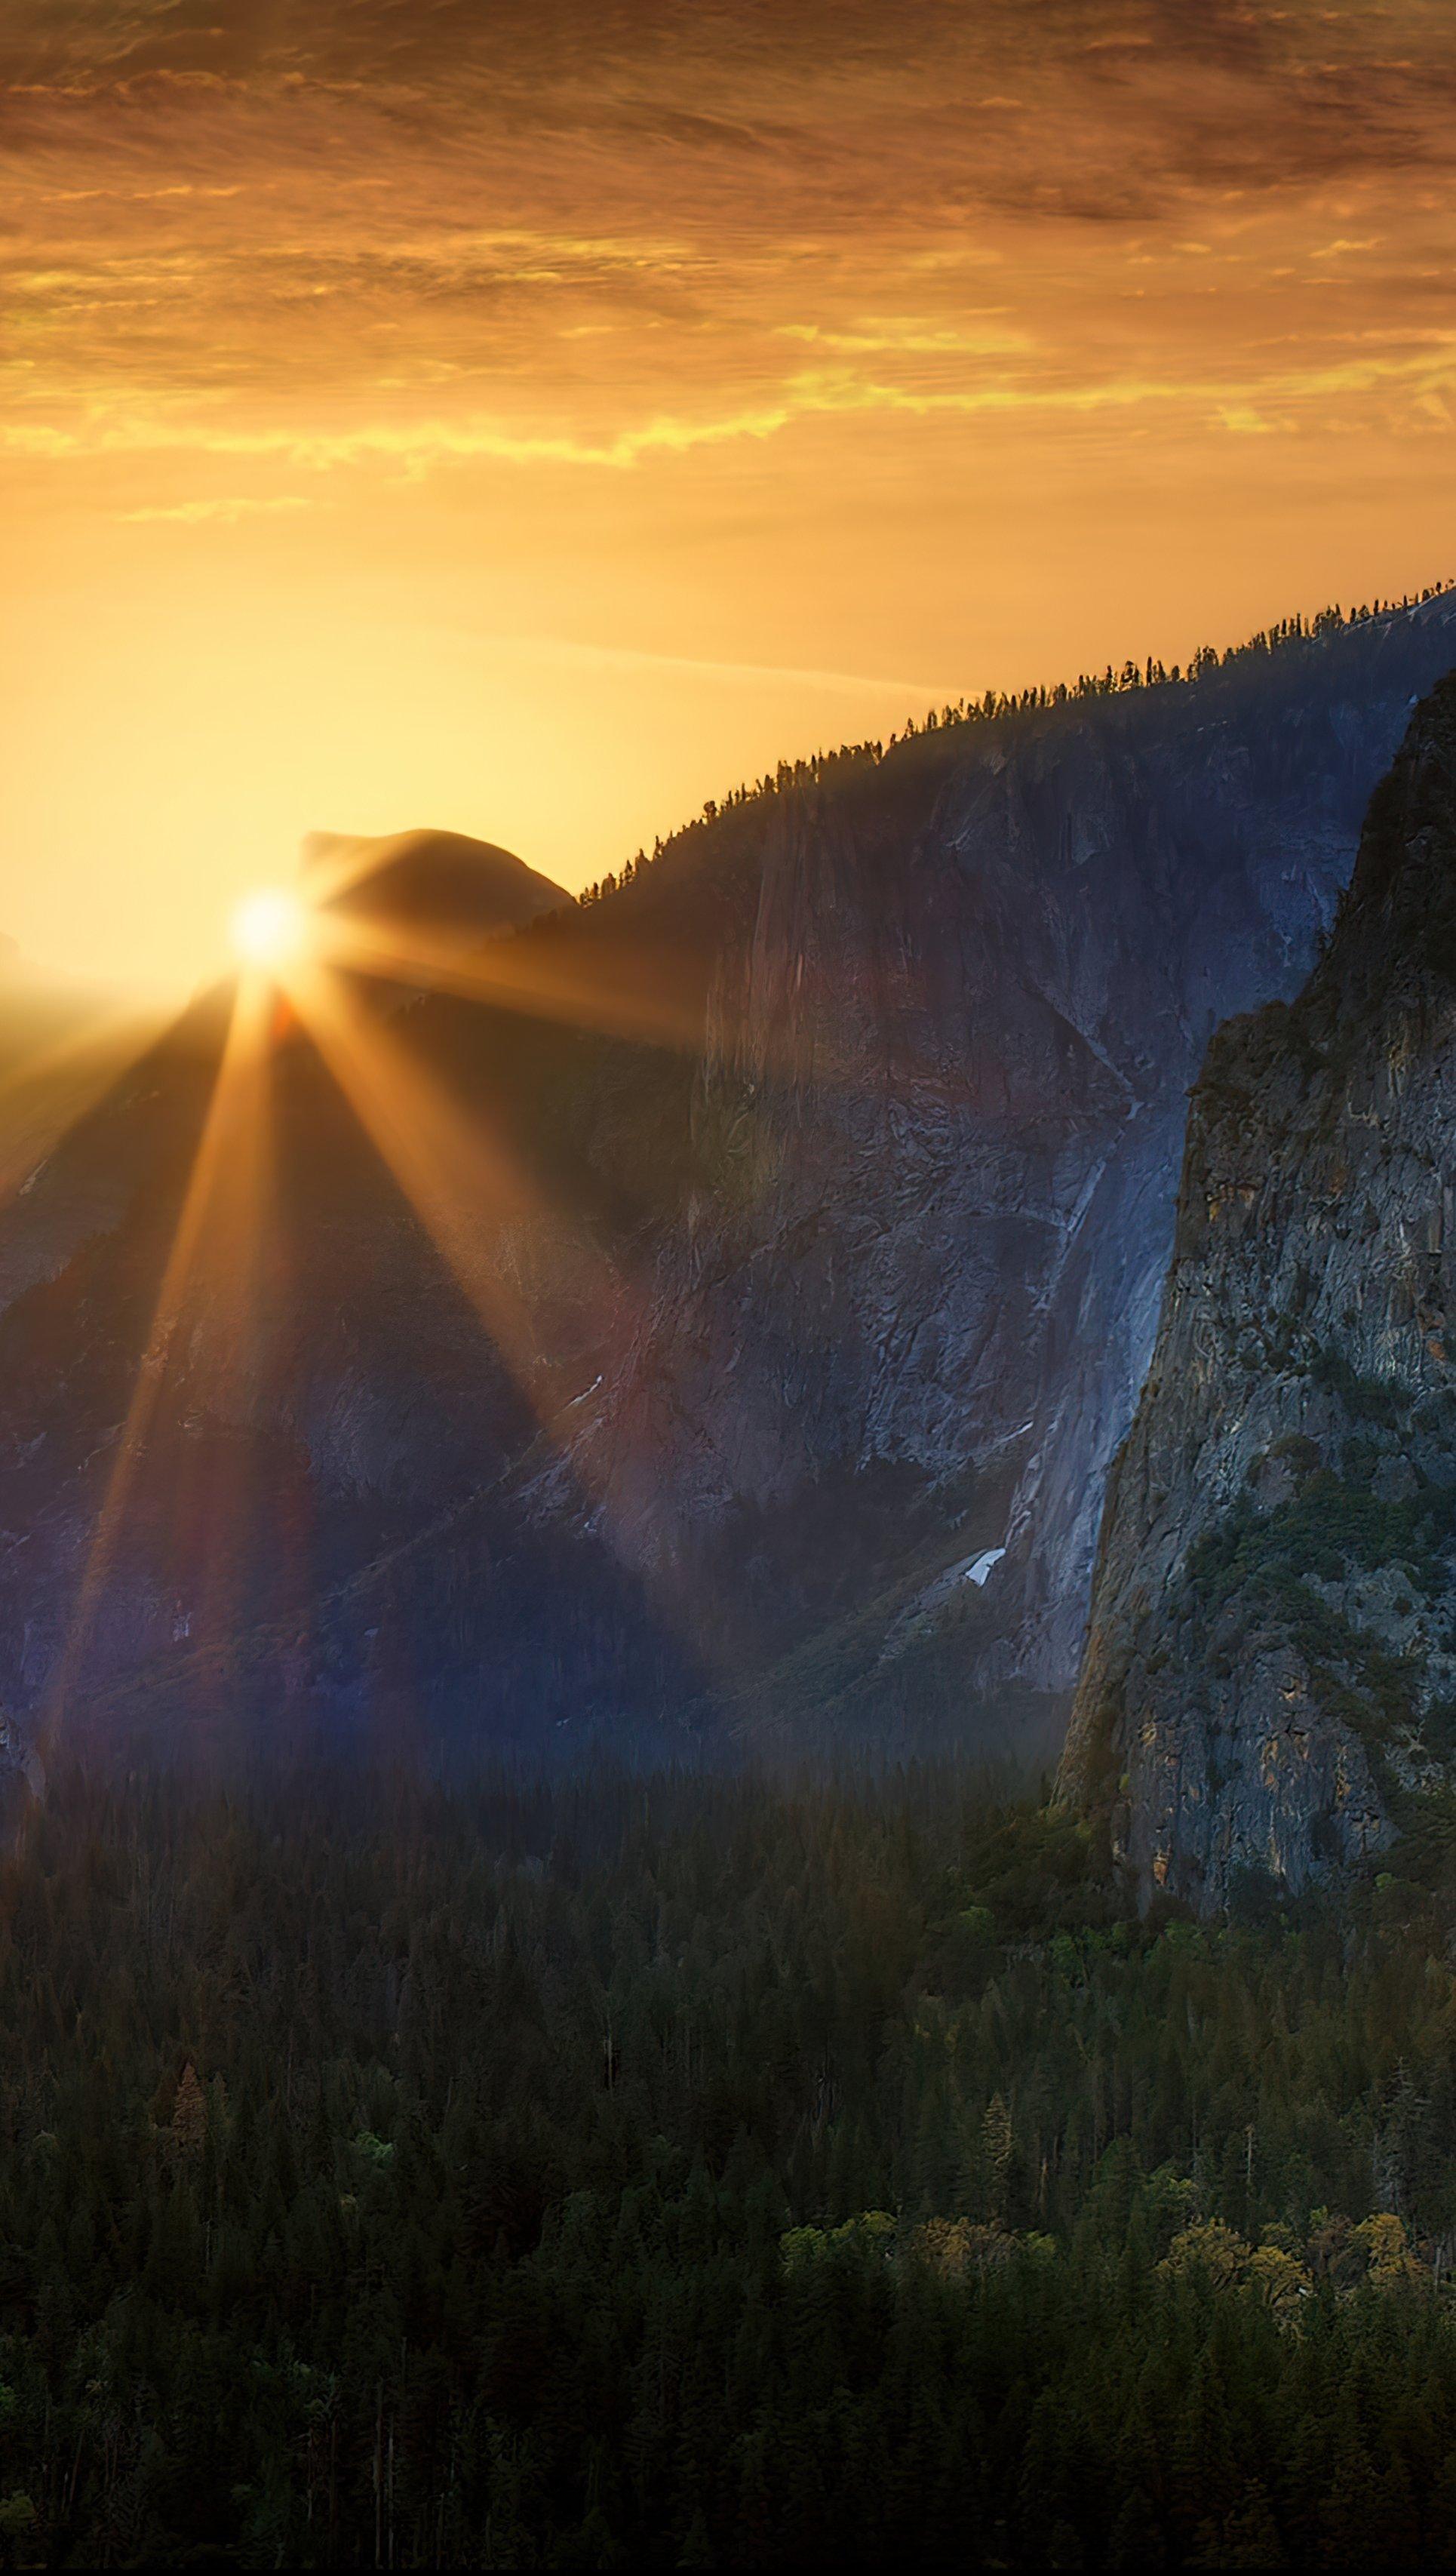 Wallpaper Sunrise at Yosemite National Park Vertical